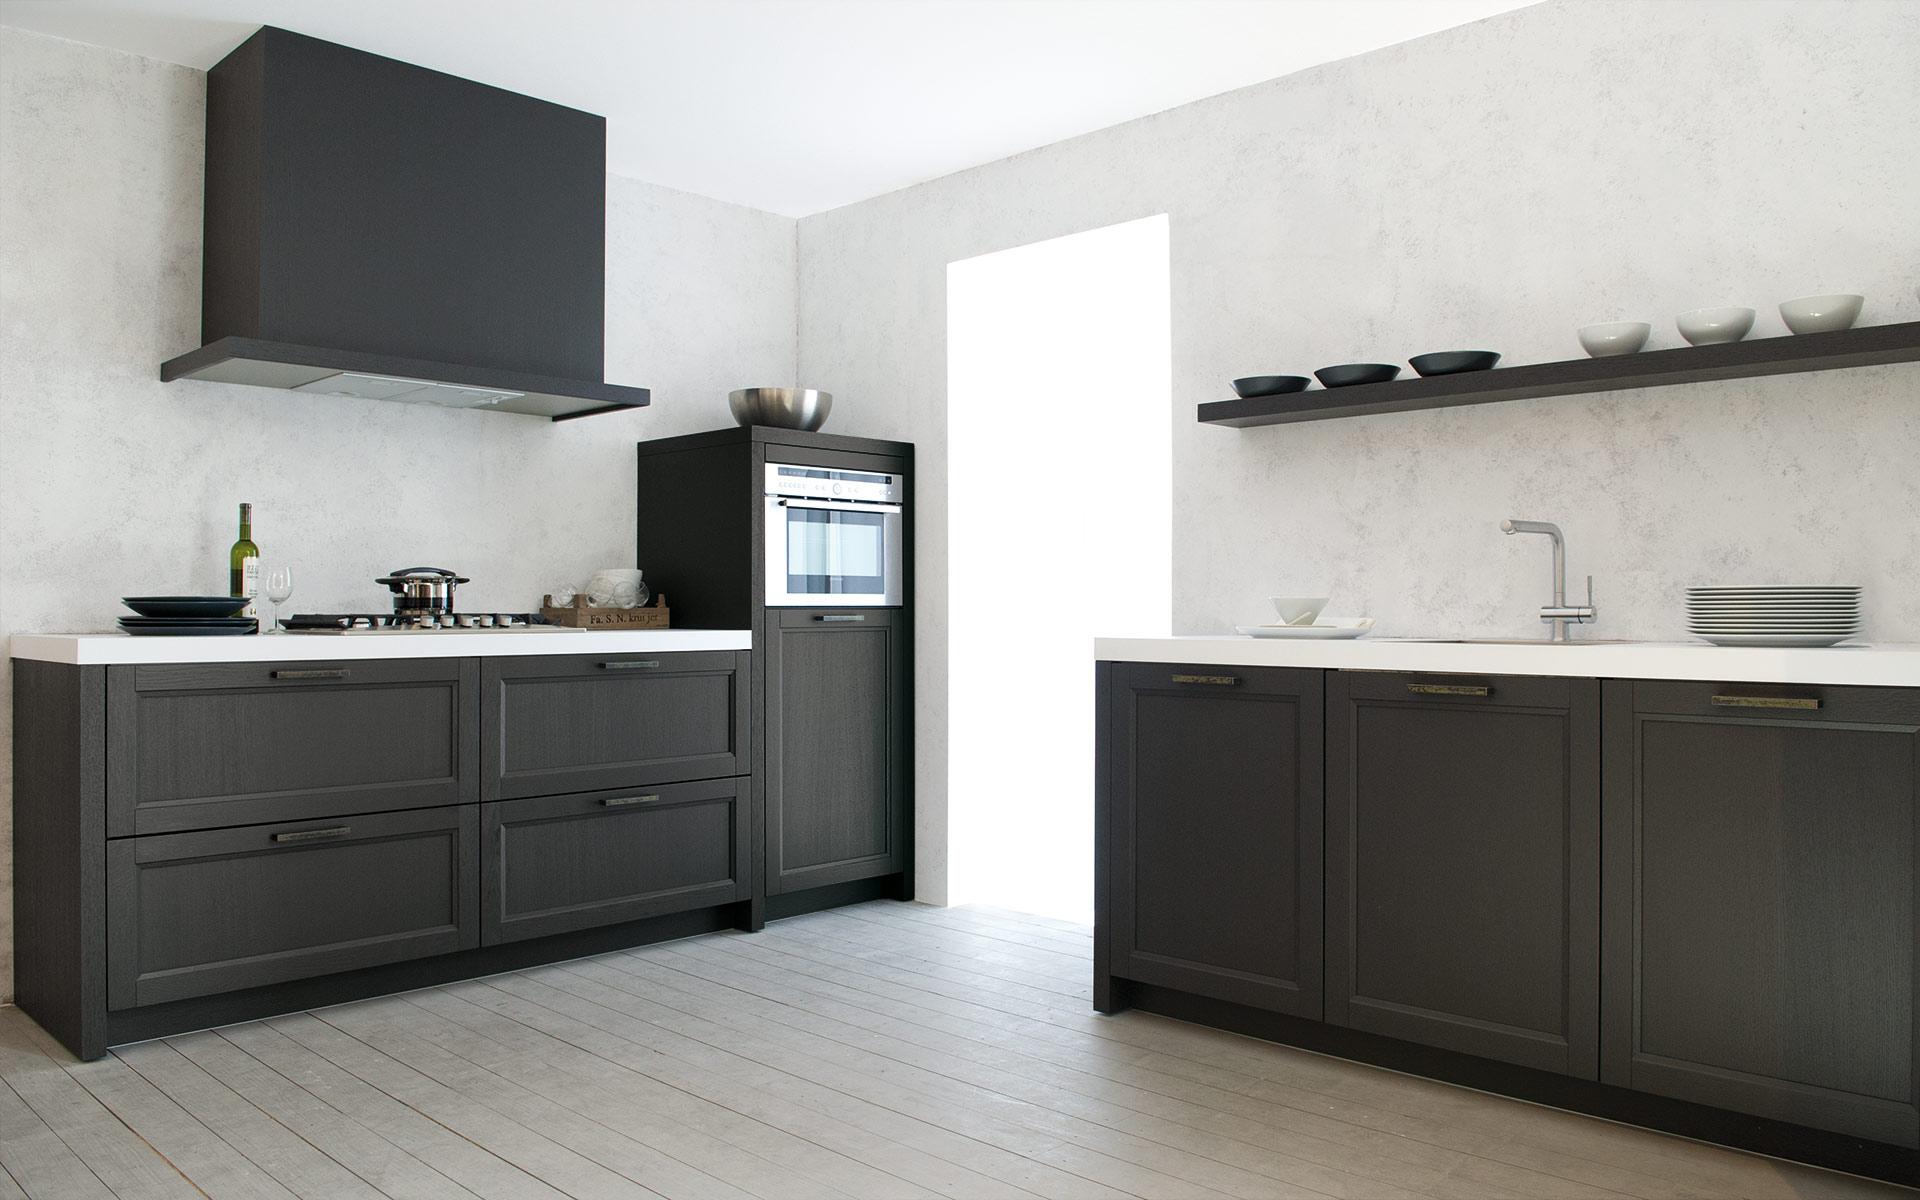 k chenprogramm rotpunkt k chen. Black Bedroom Furniture Sets. Home Design Ideas